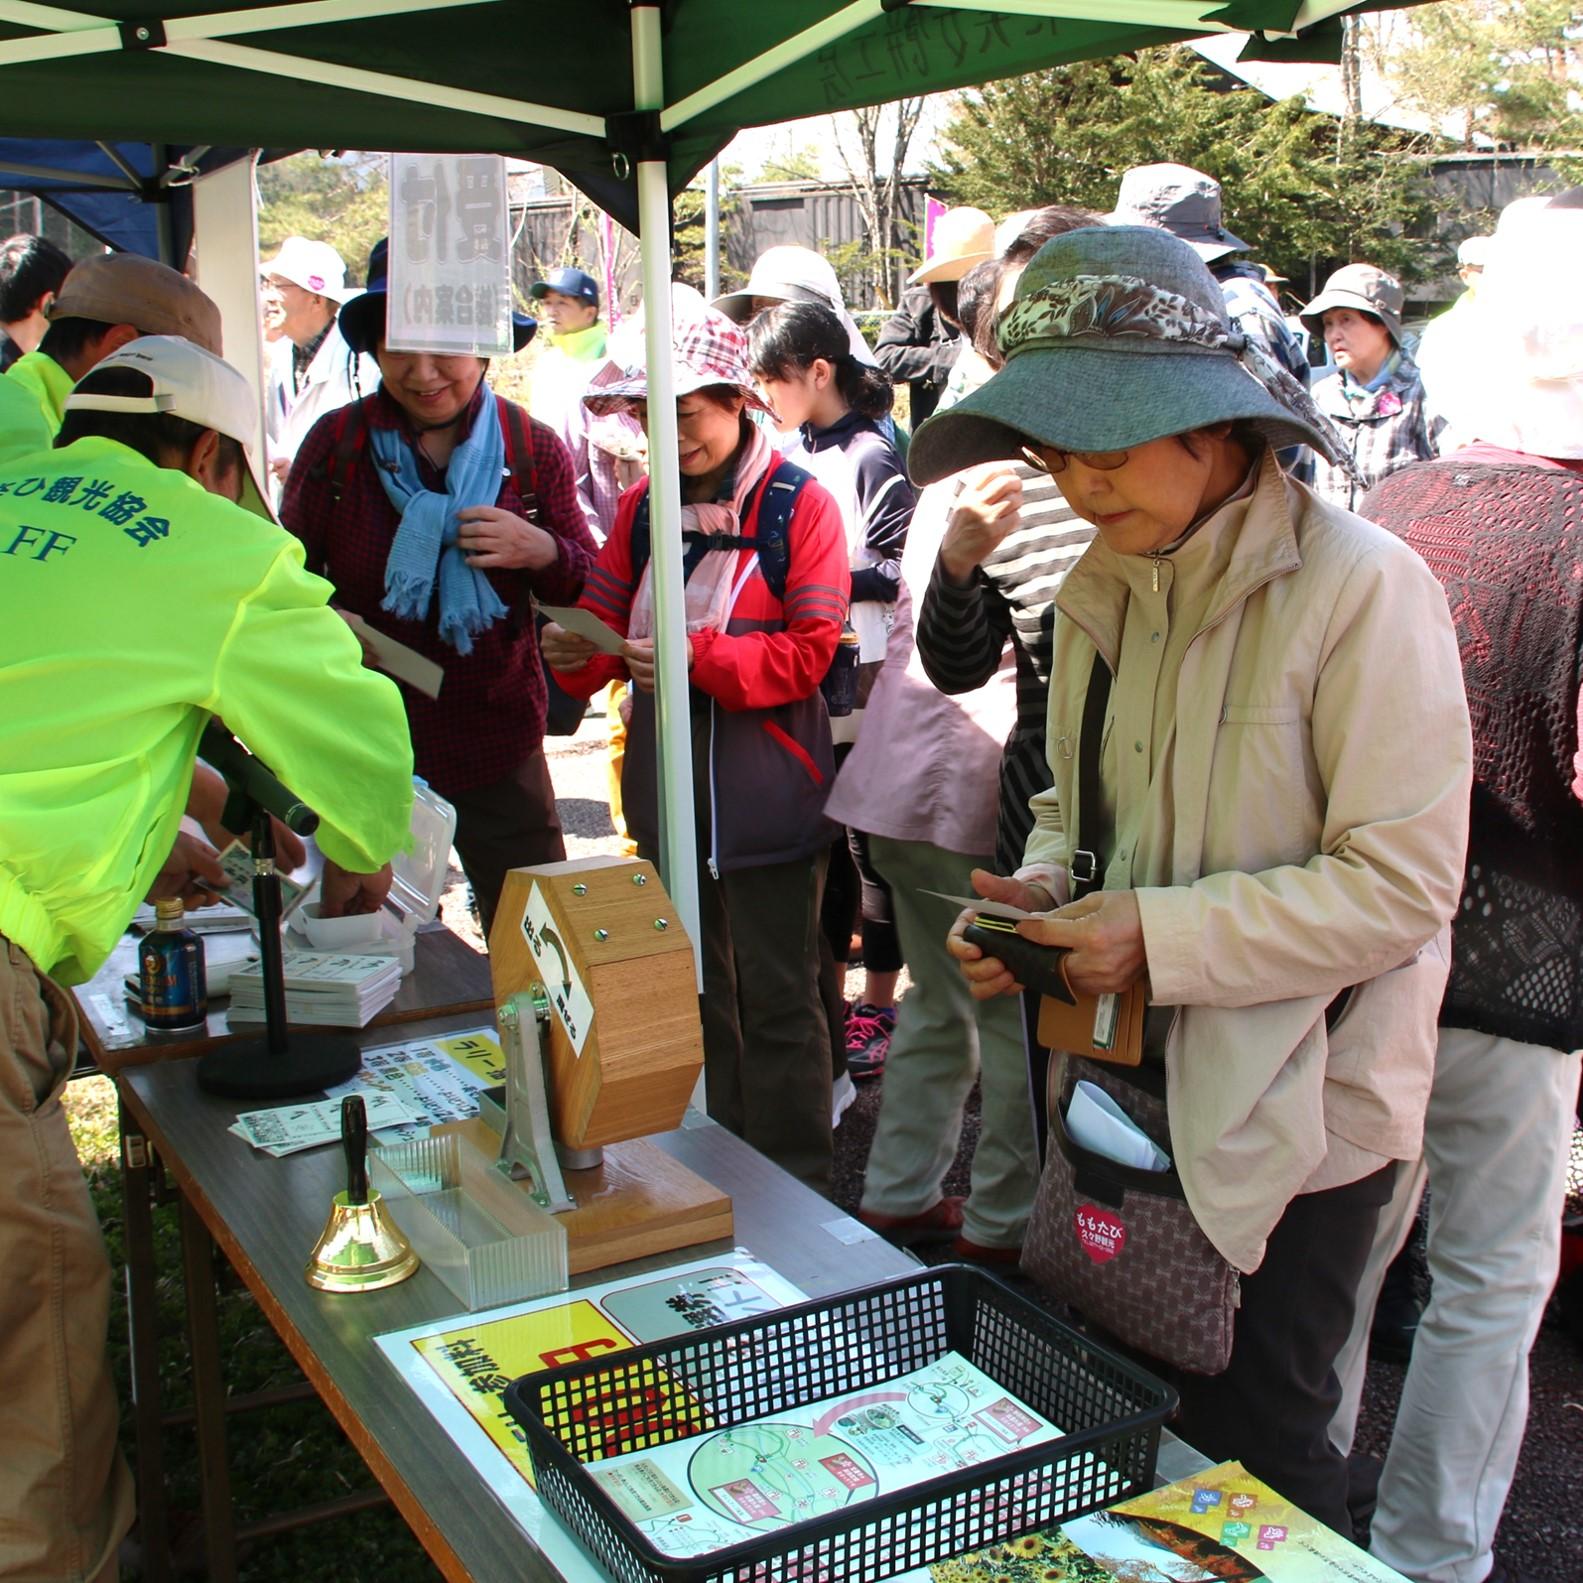 4月下旬の水芭蕉満開時期にあわせ水芭蕉祭り開催